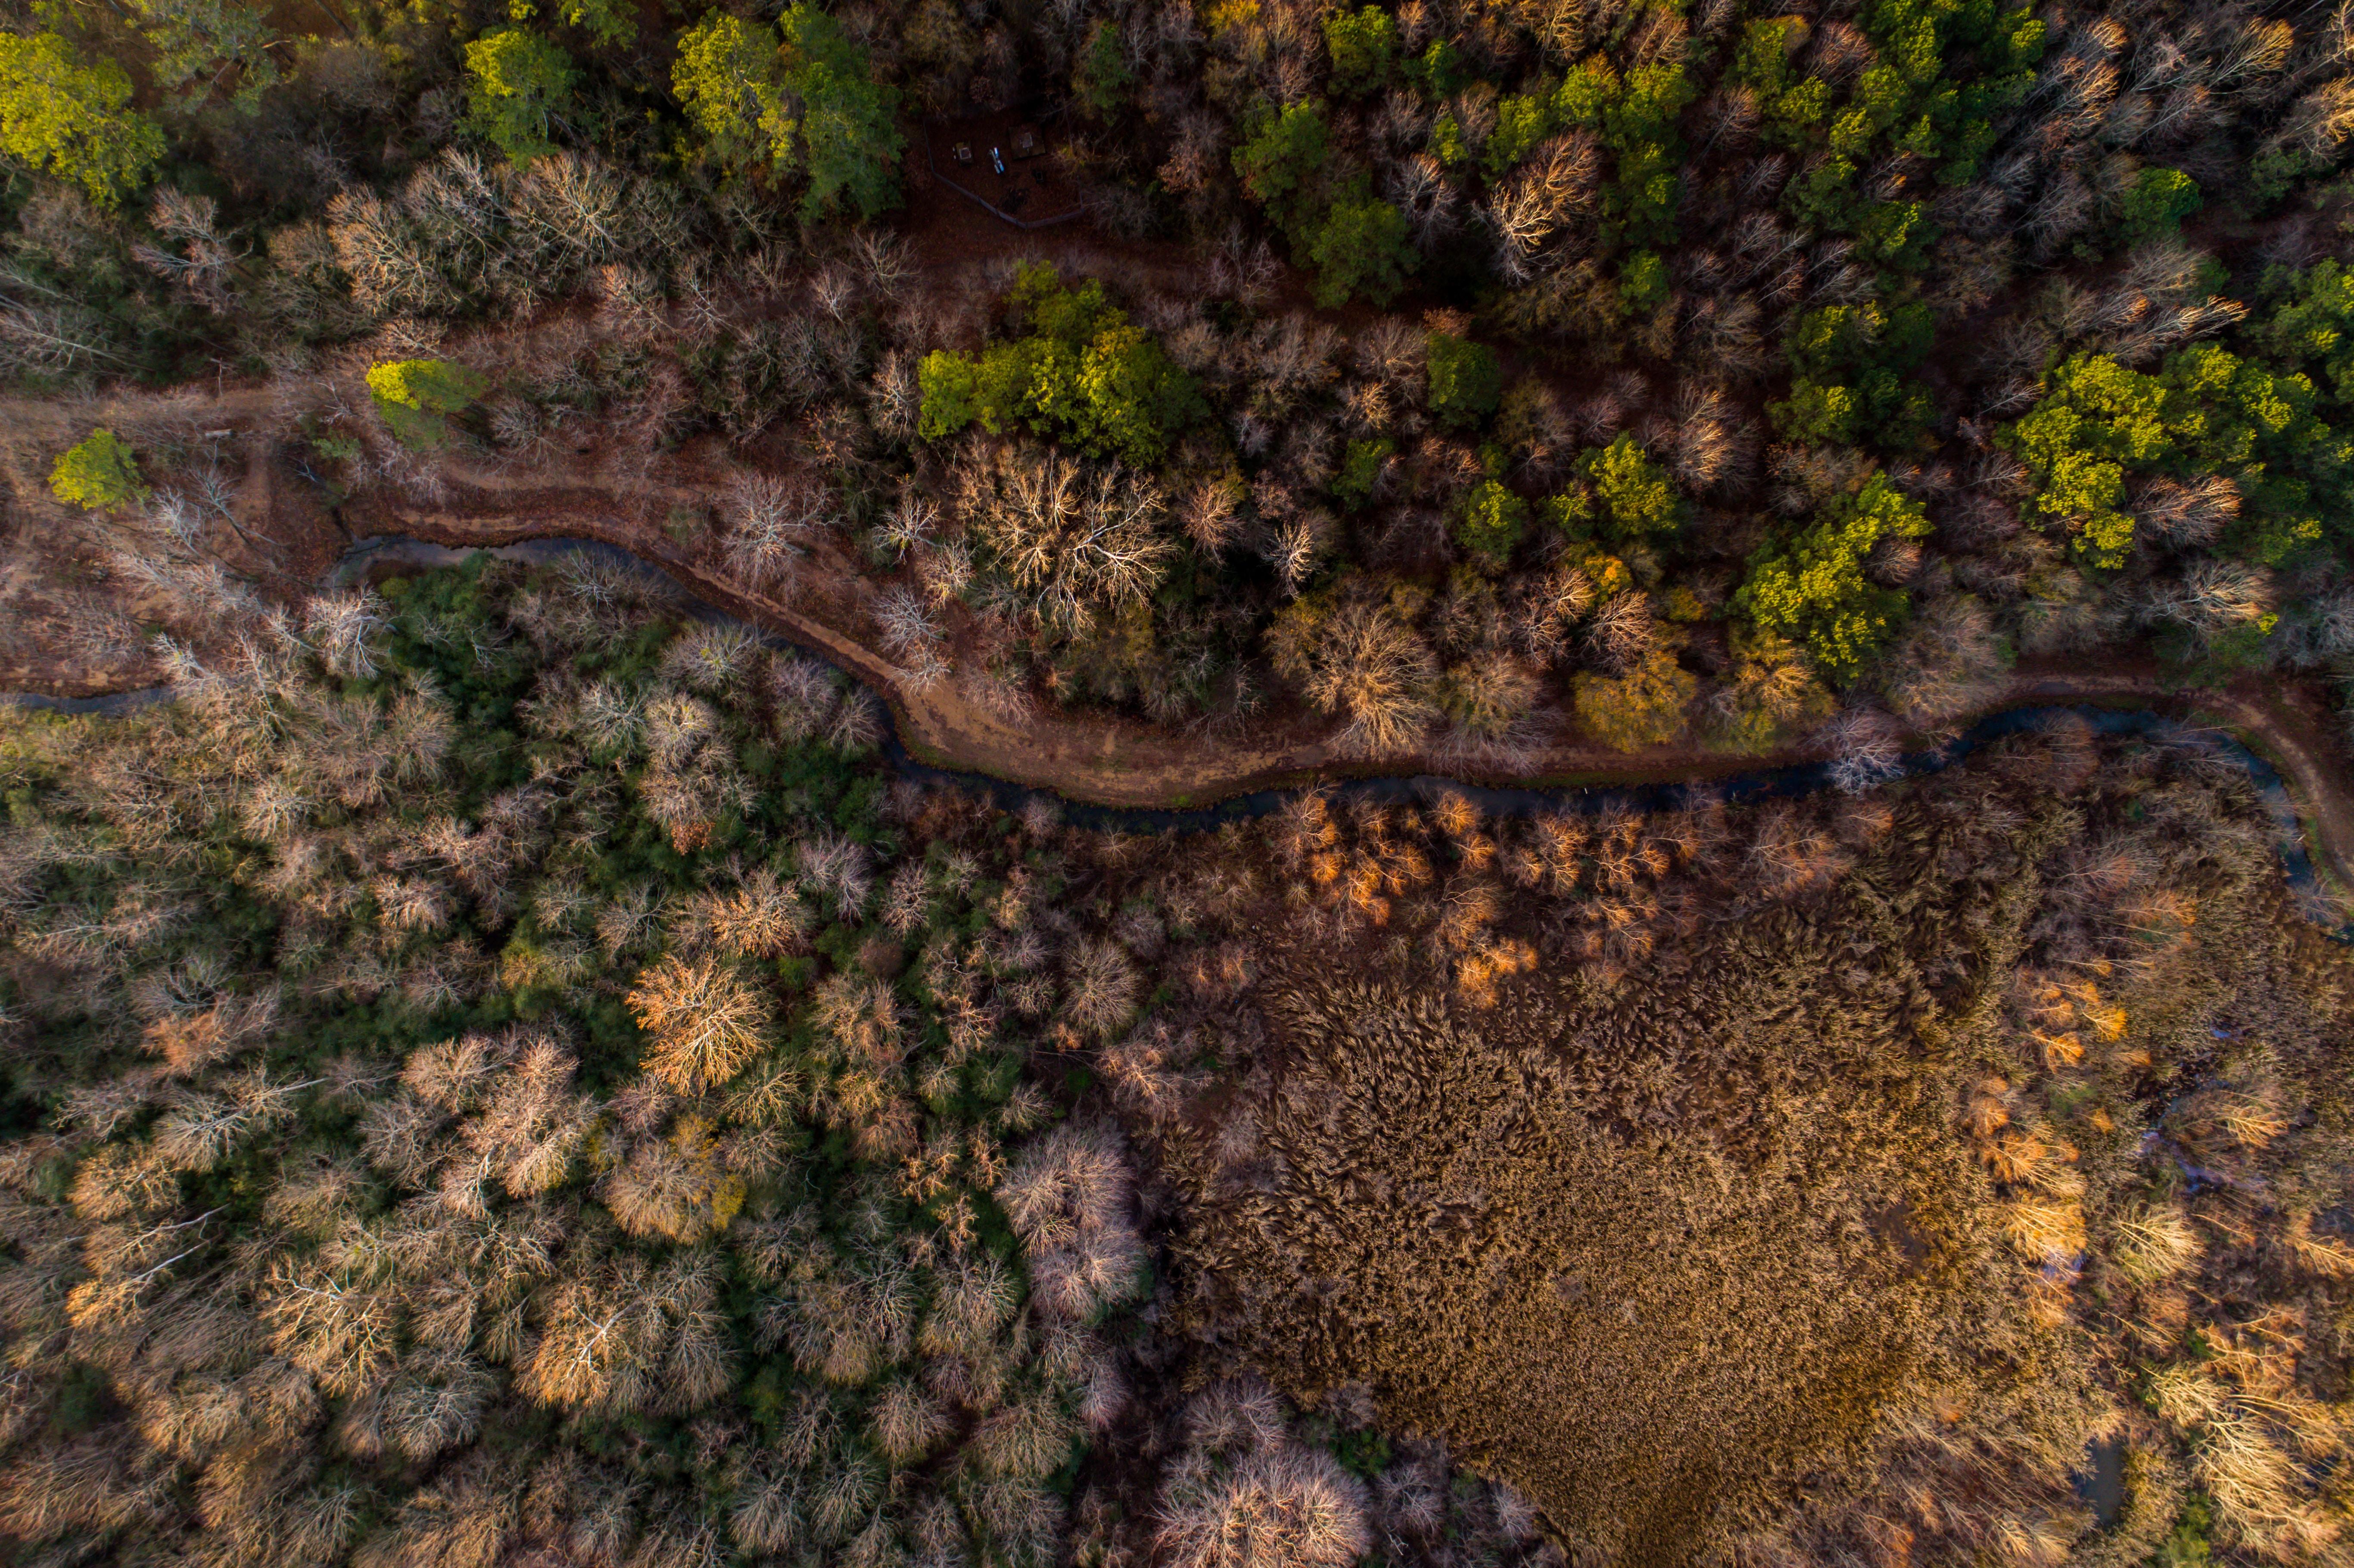 An aerial shot of a blue creek running through a diverse forest